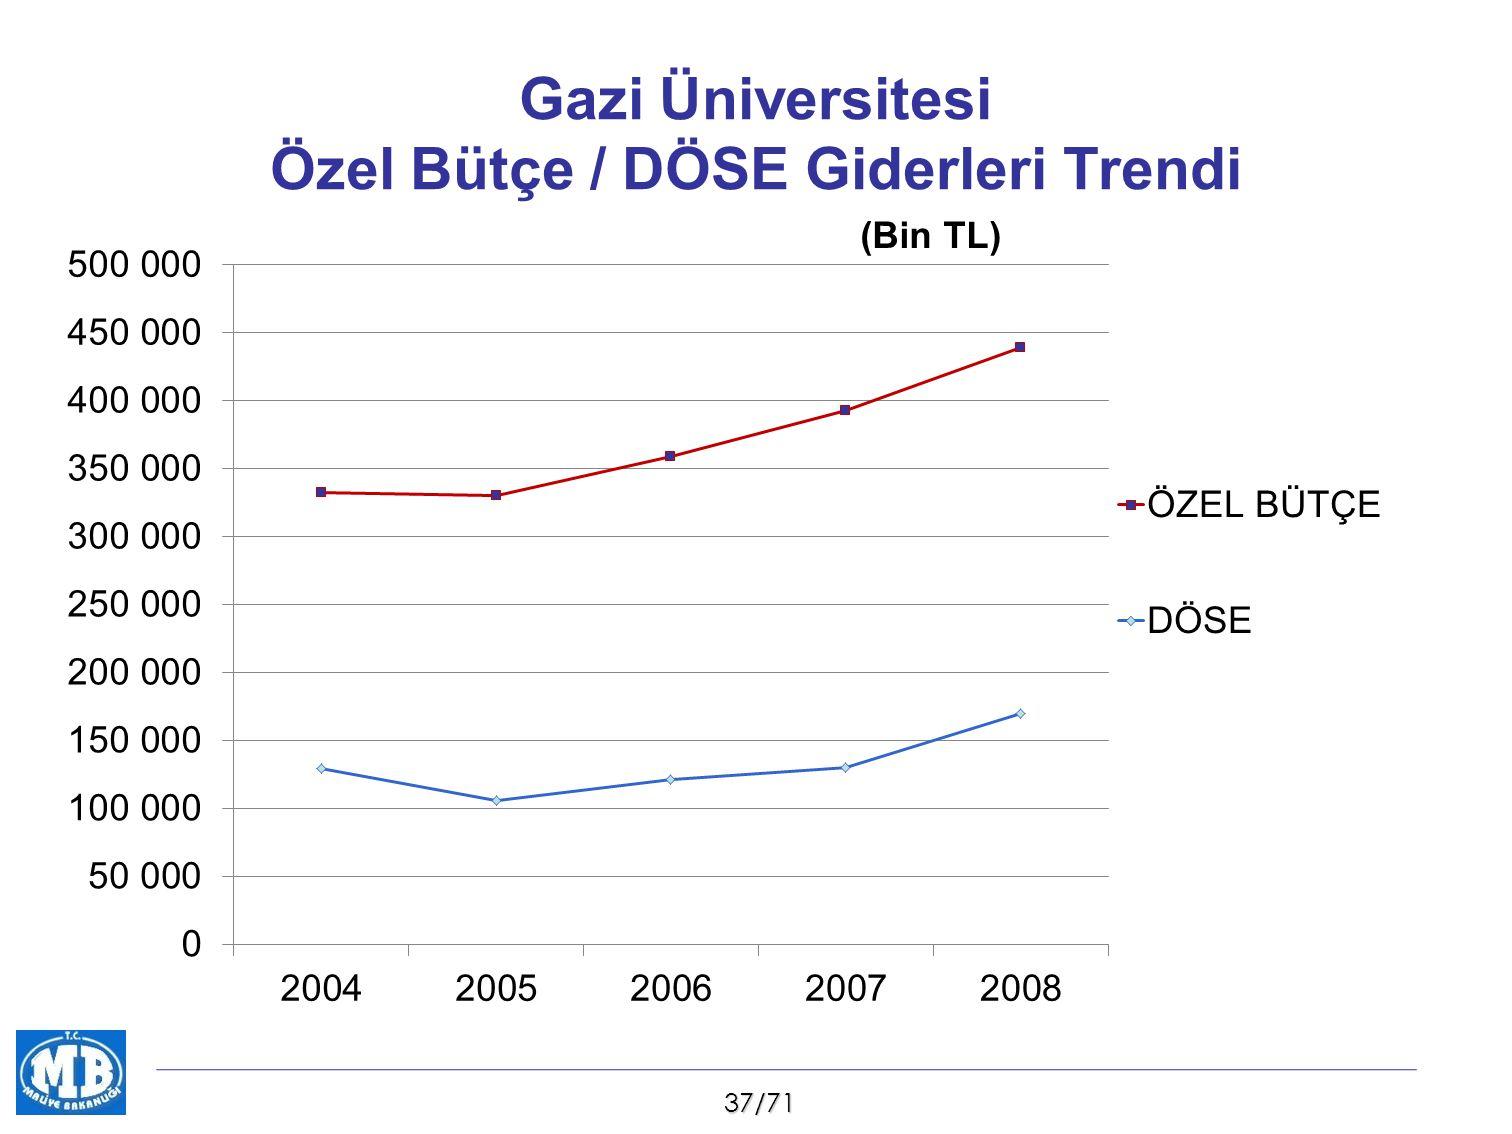 37/71 Gazi Üniversitesi Özel Bütçe / DÖSE Giderleri Trendi (Bin TL)